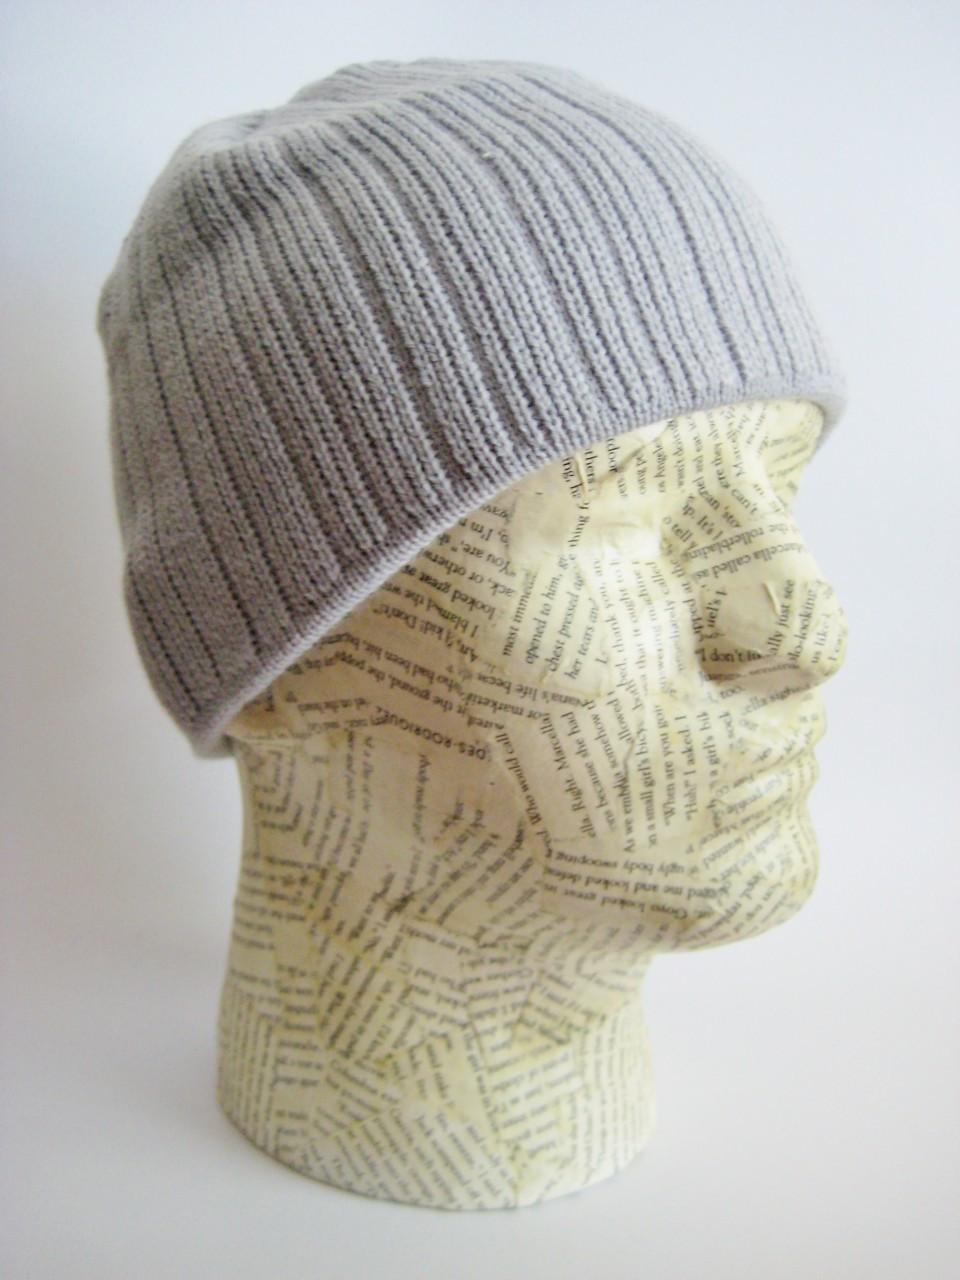 0e6bd0e92eb Loading zoom. Warm winter hat